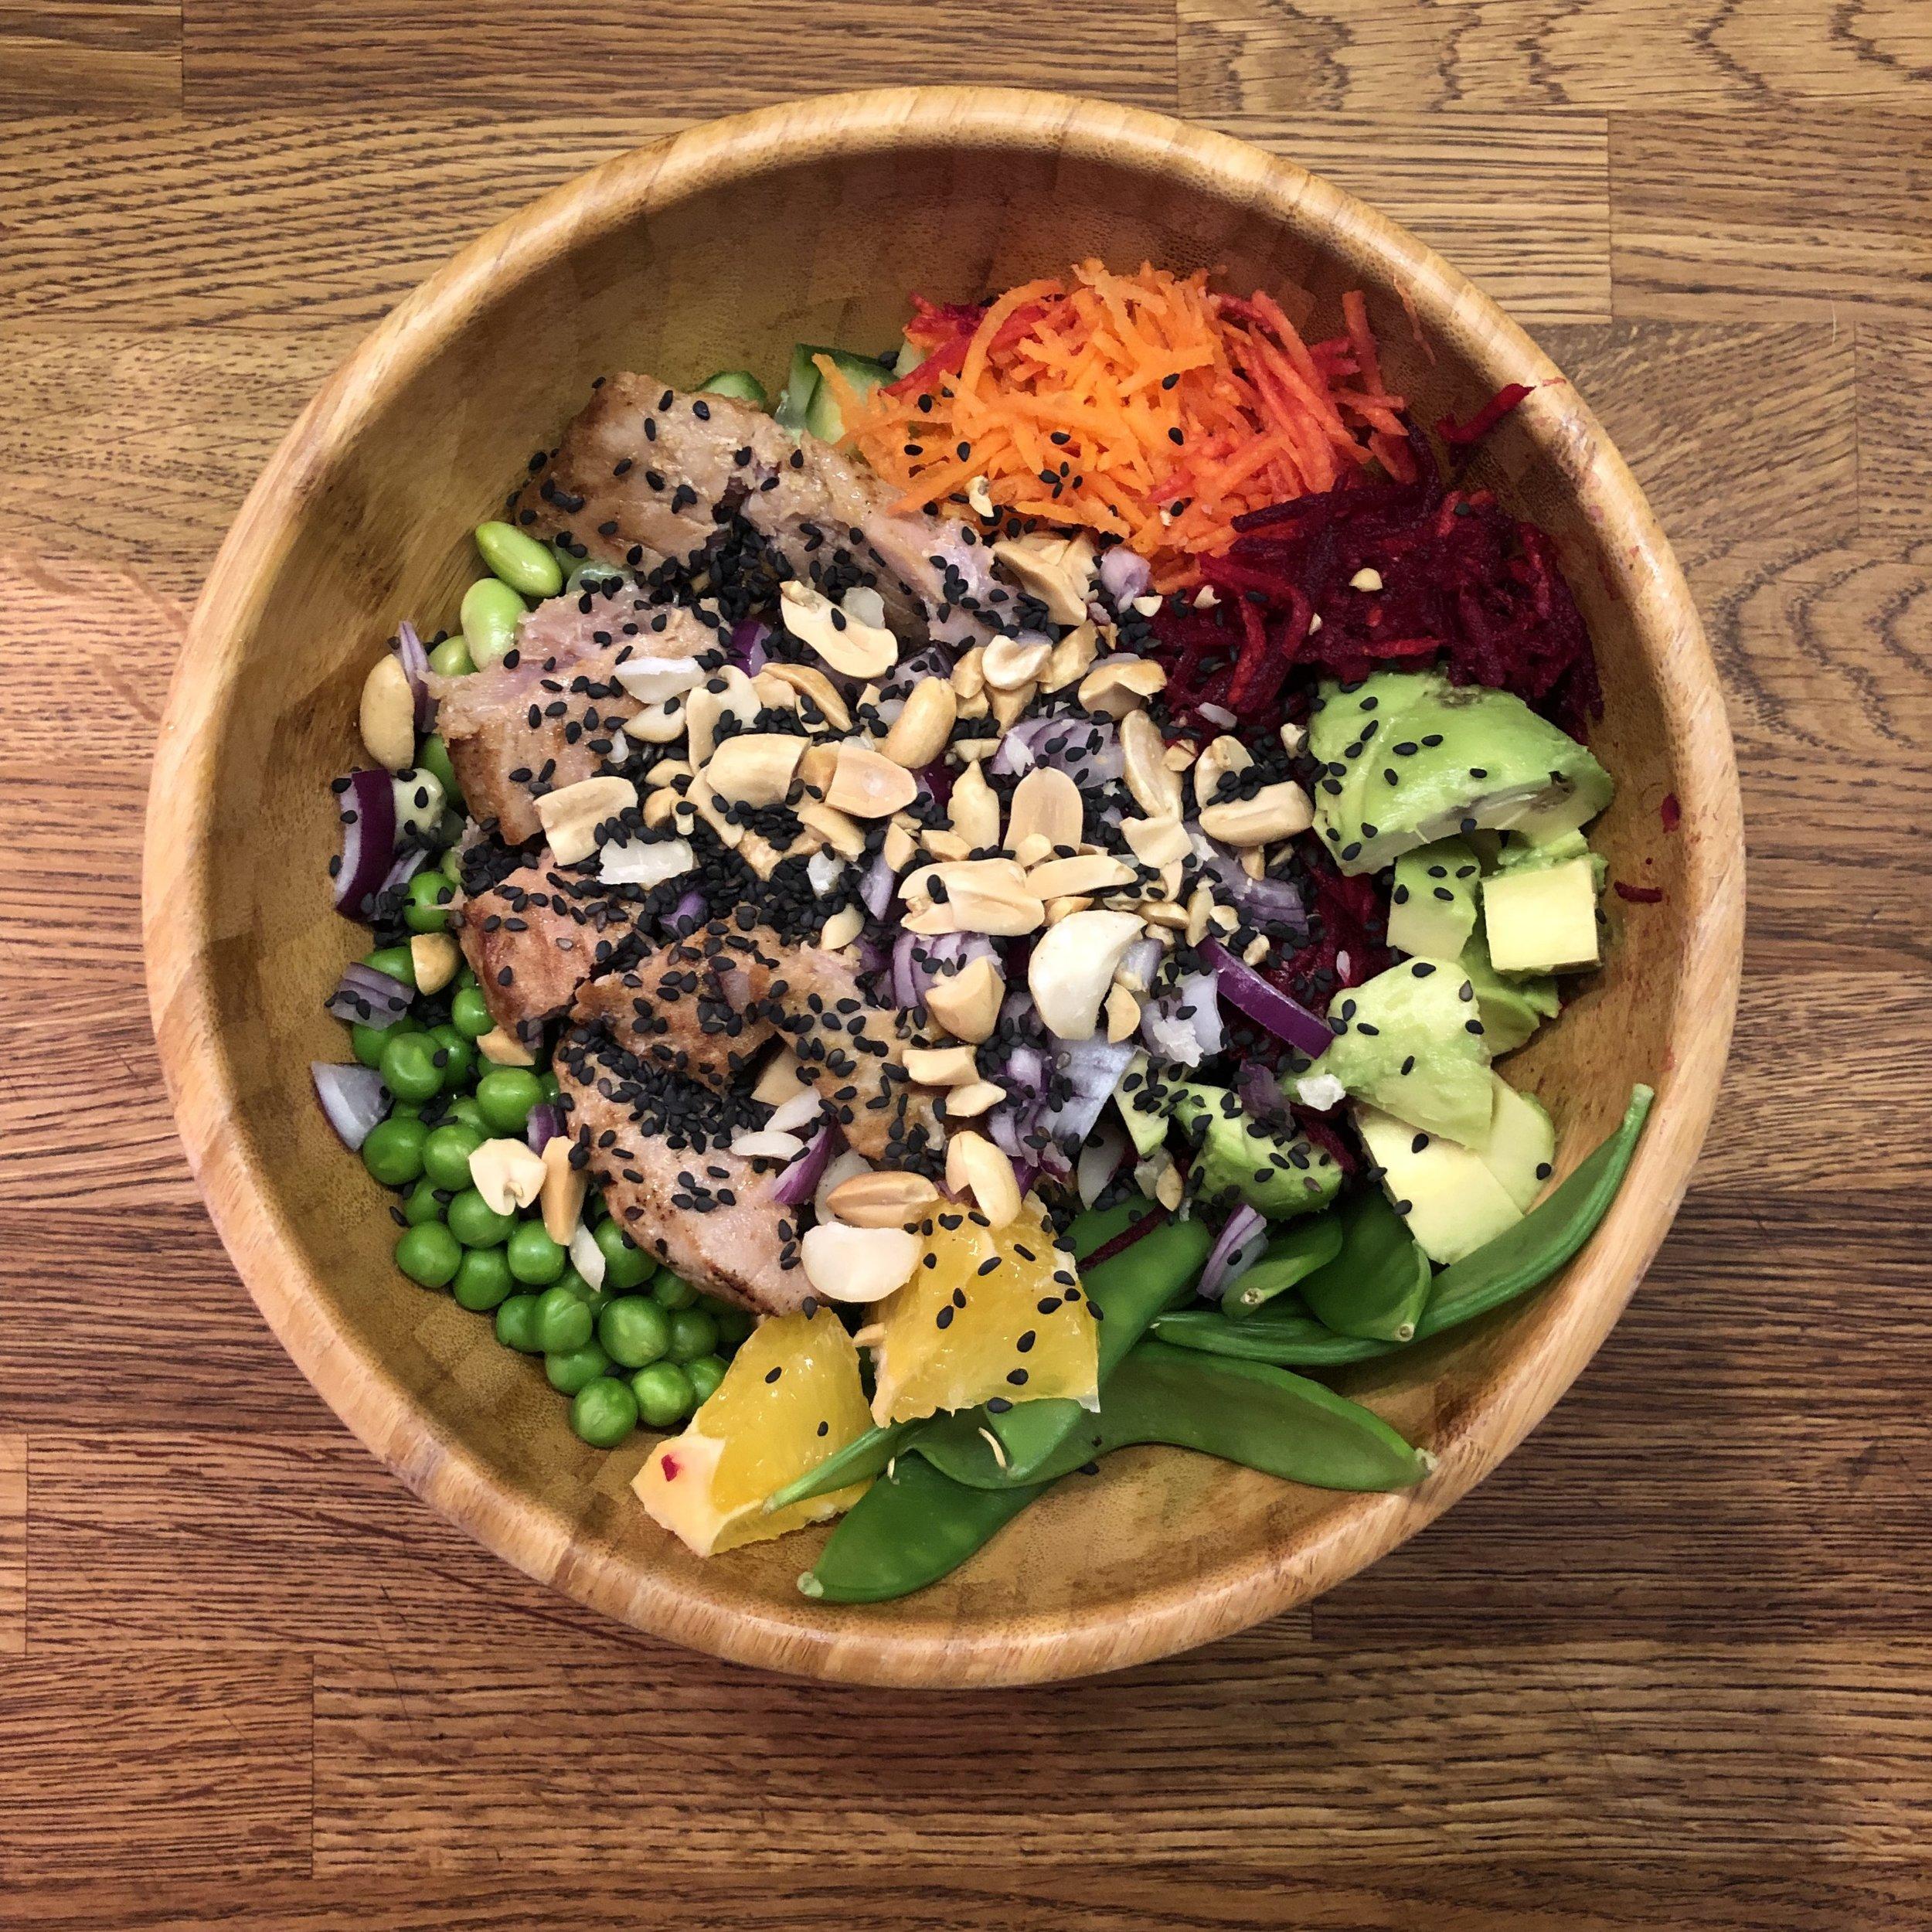 Domácí salmon poke bowl -  video recept zde